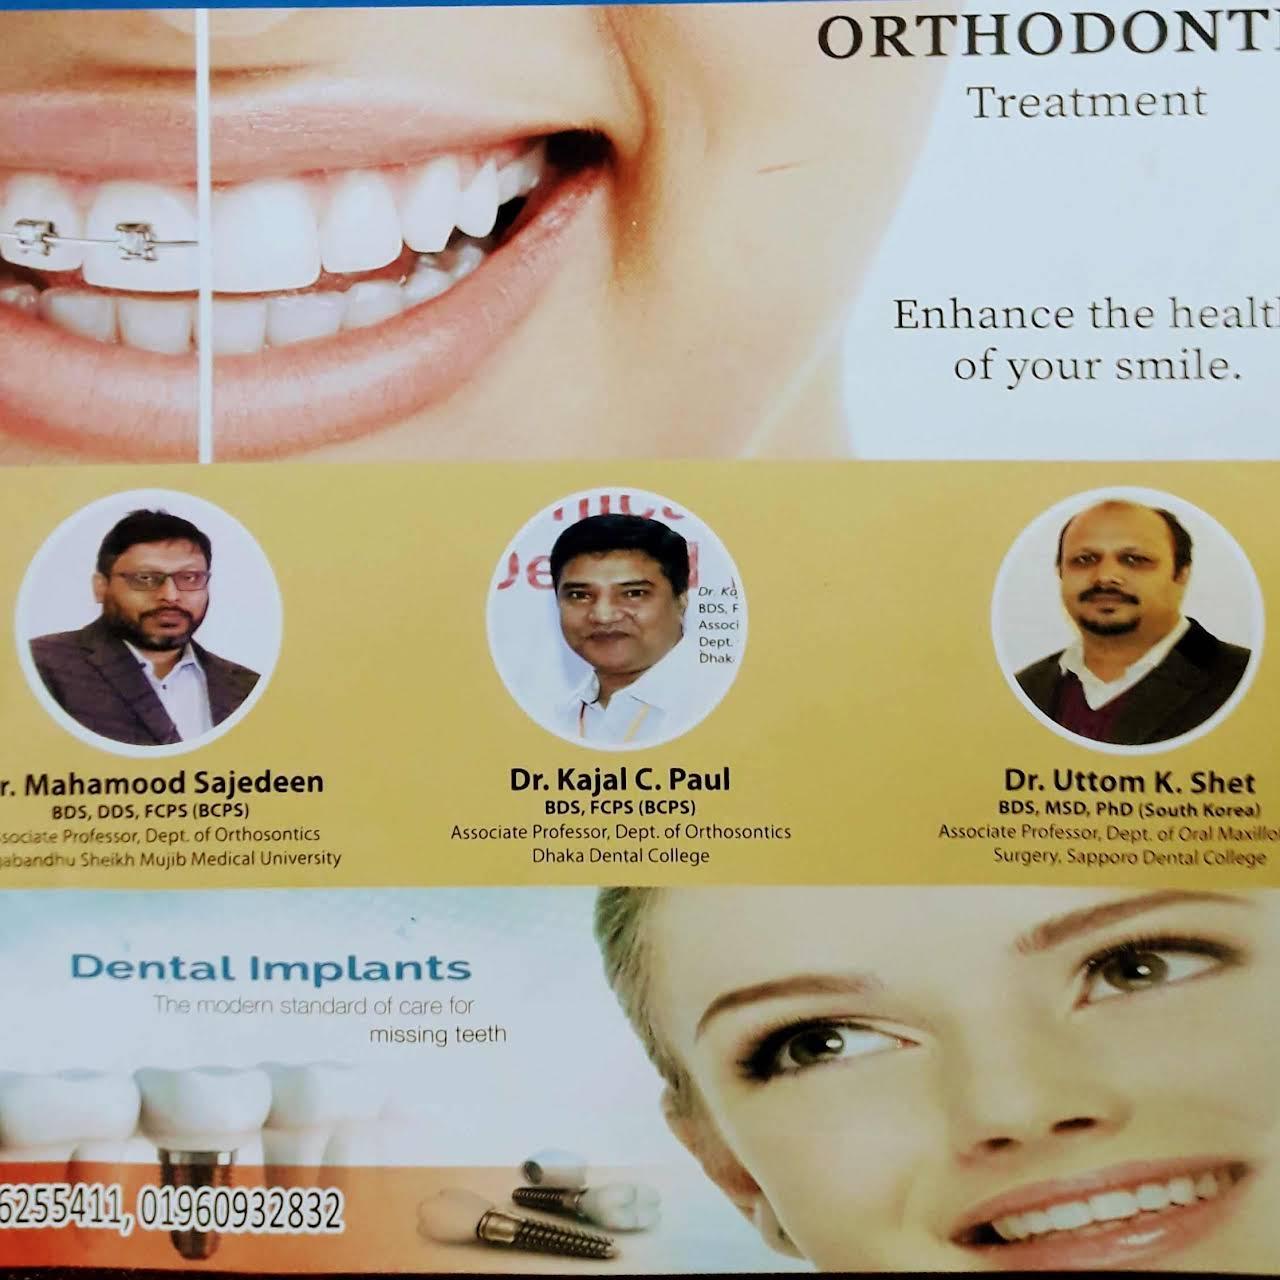 Abc Dental Care the dental excellence- best dentist in uttara, dhaka